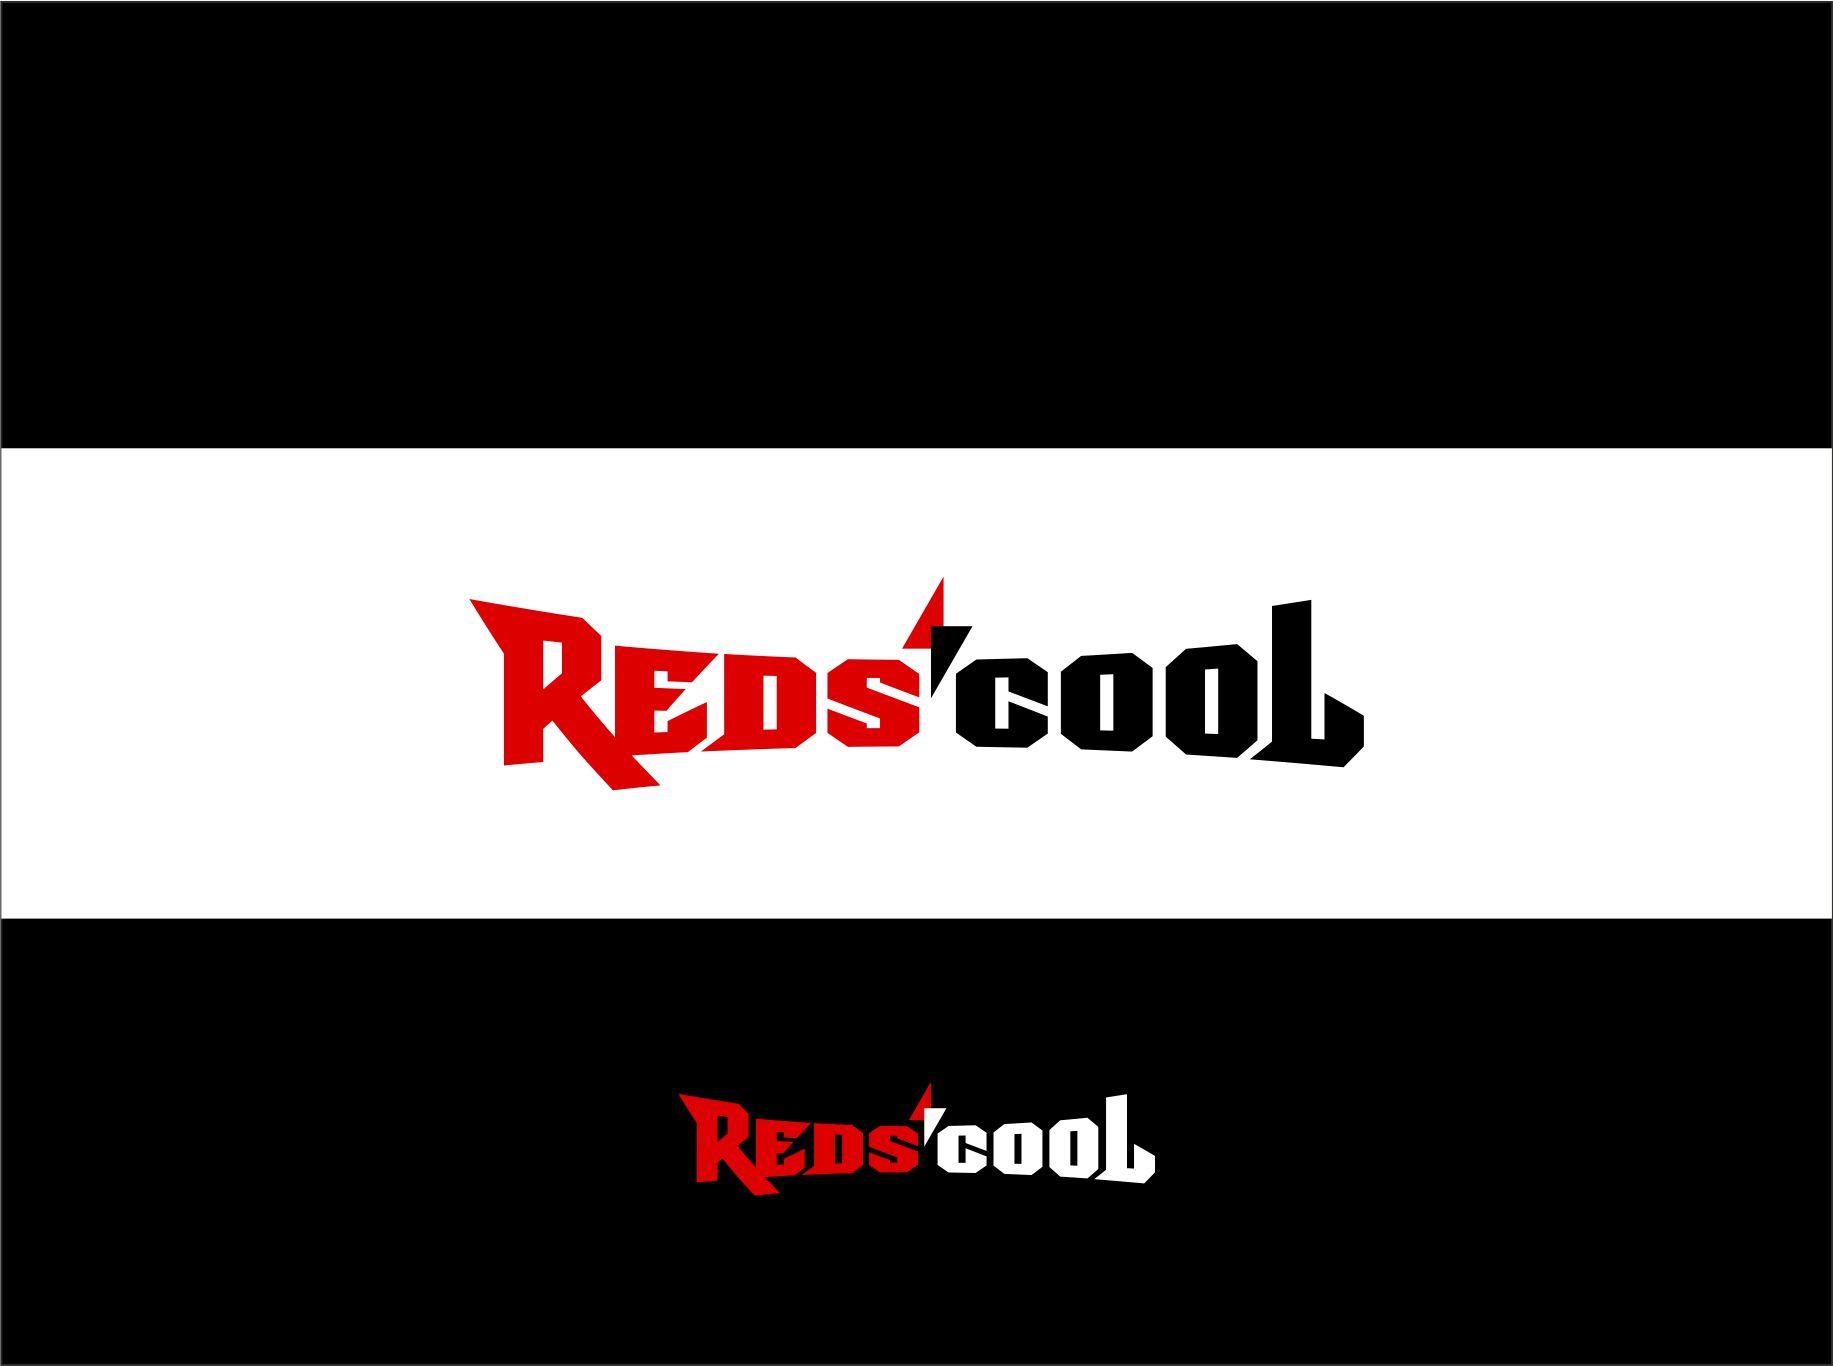 Логотип для музыкальной группы фото f_8155a5204b909a65.jpg